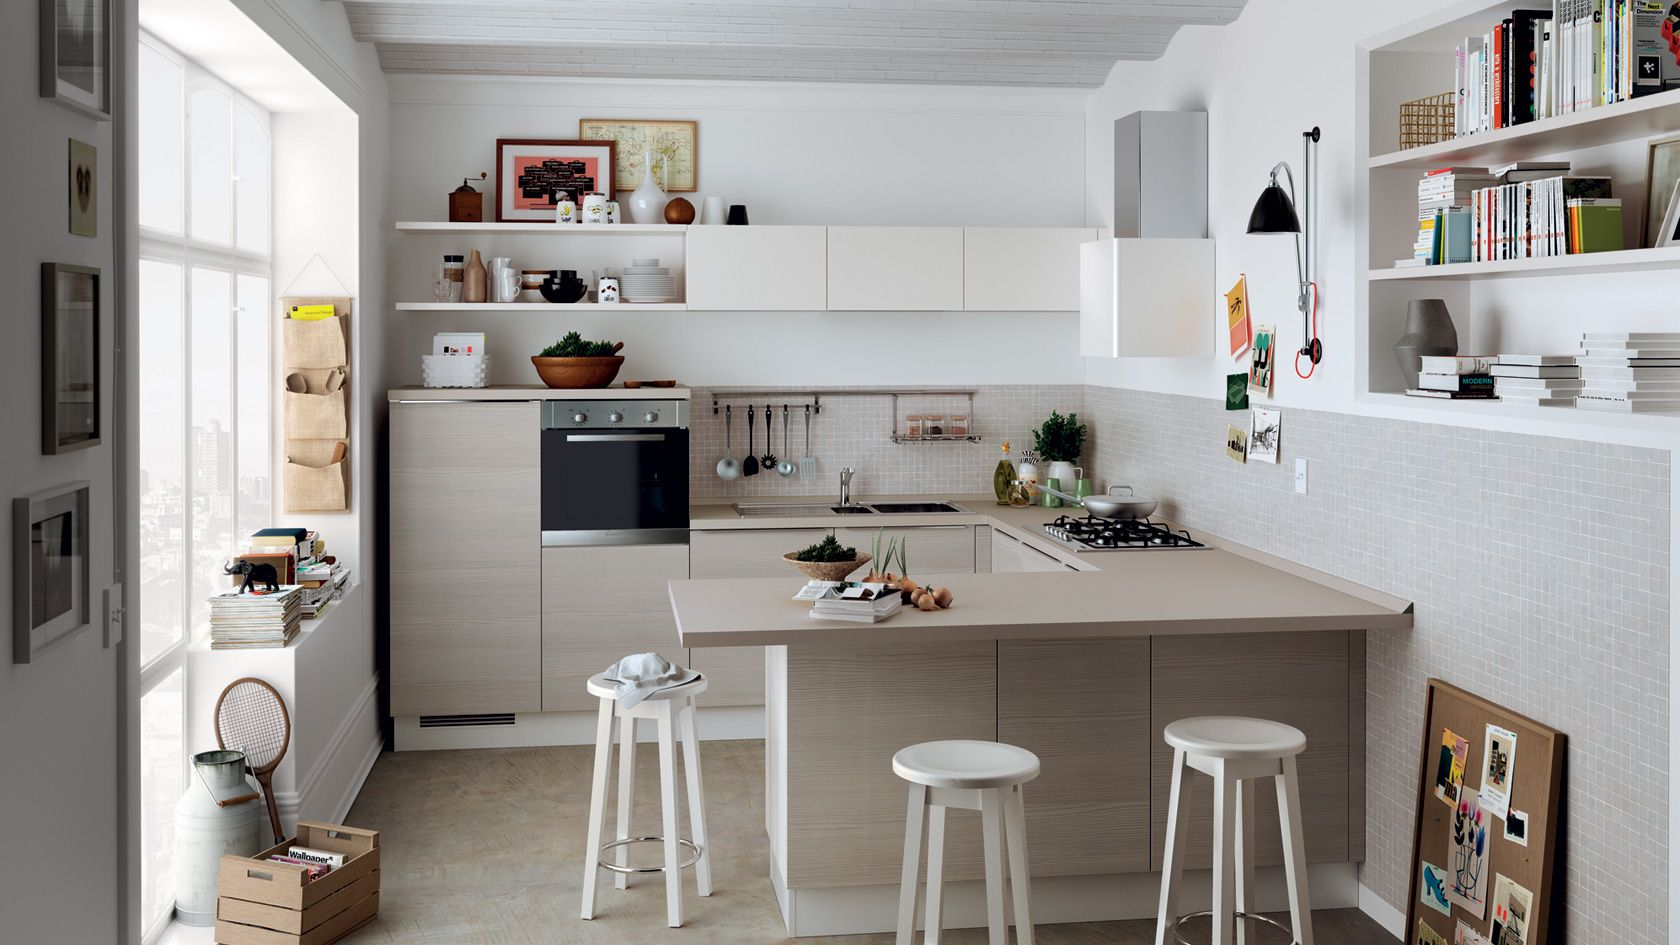 Kitchen Urban Urban Minimal Scavolini Ristrutturazione Piccola Cucina Credenza Aperta Disposizione Cucine Piccole